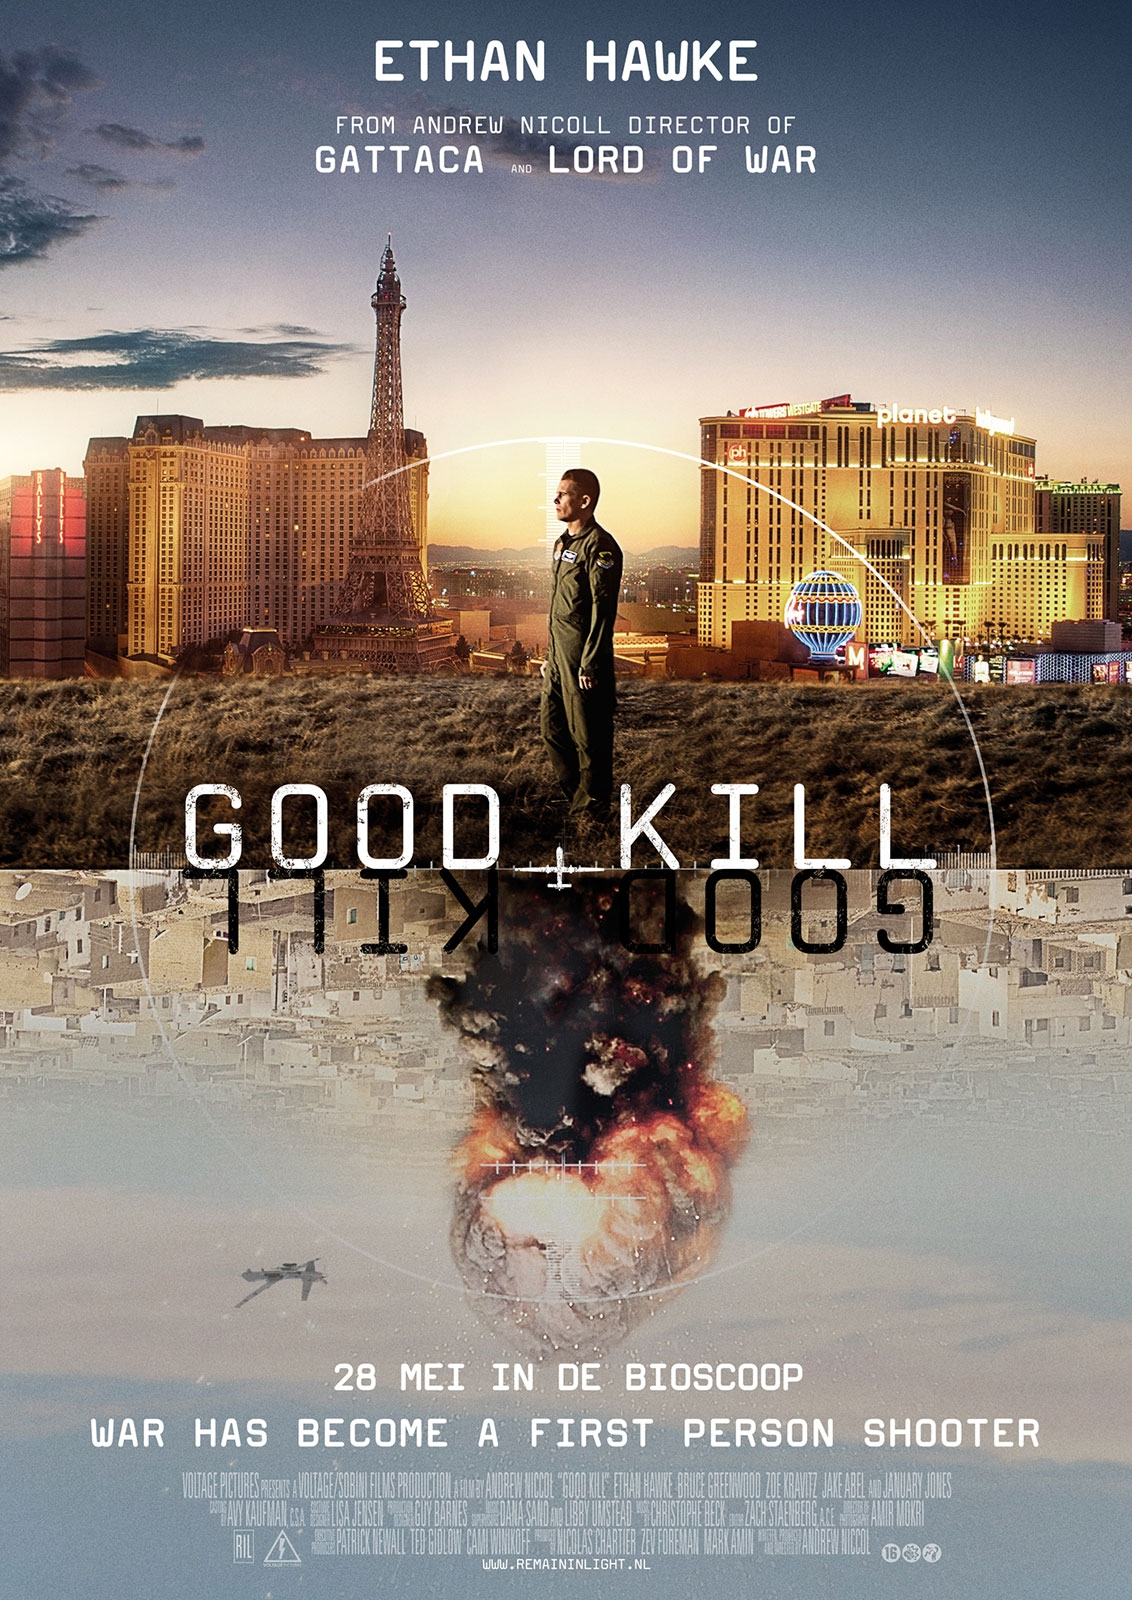 Good Kill โดรนพิฆาต ล่าพลิกโลก [HD][พากย์ไทย]